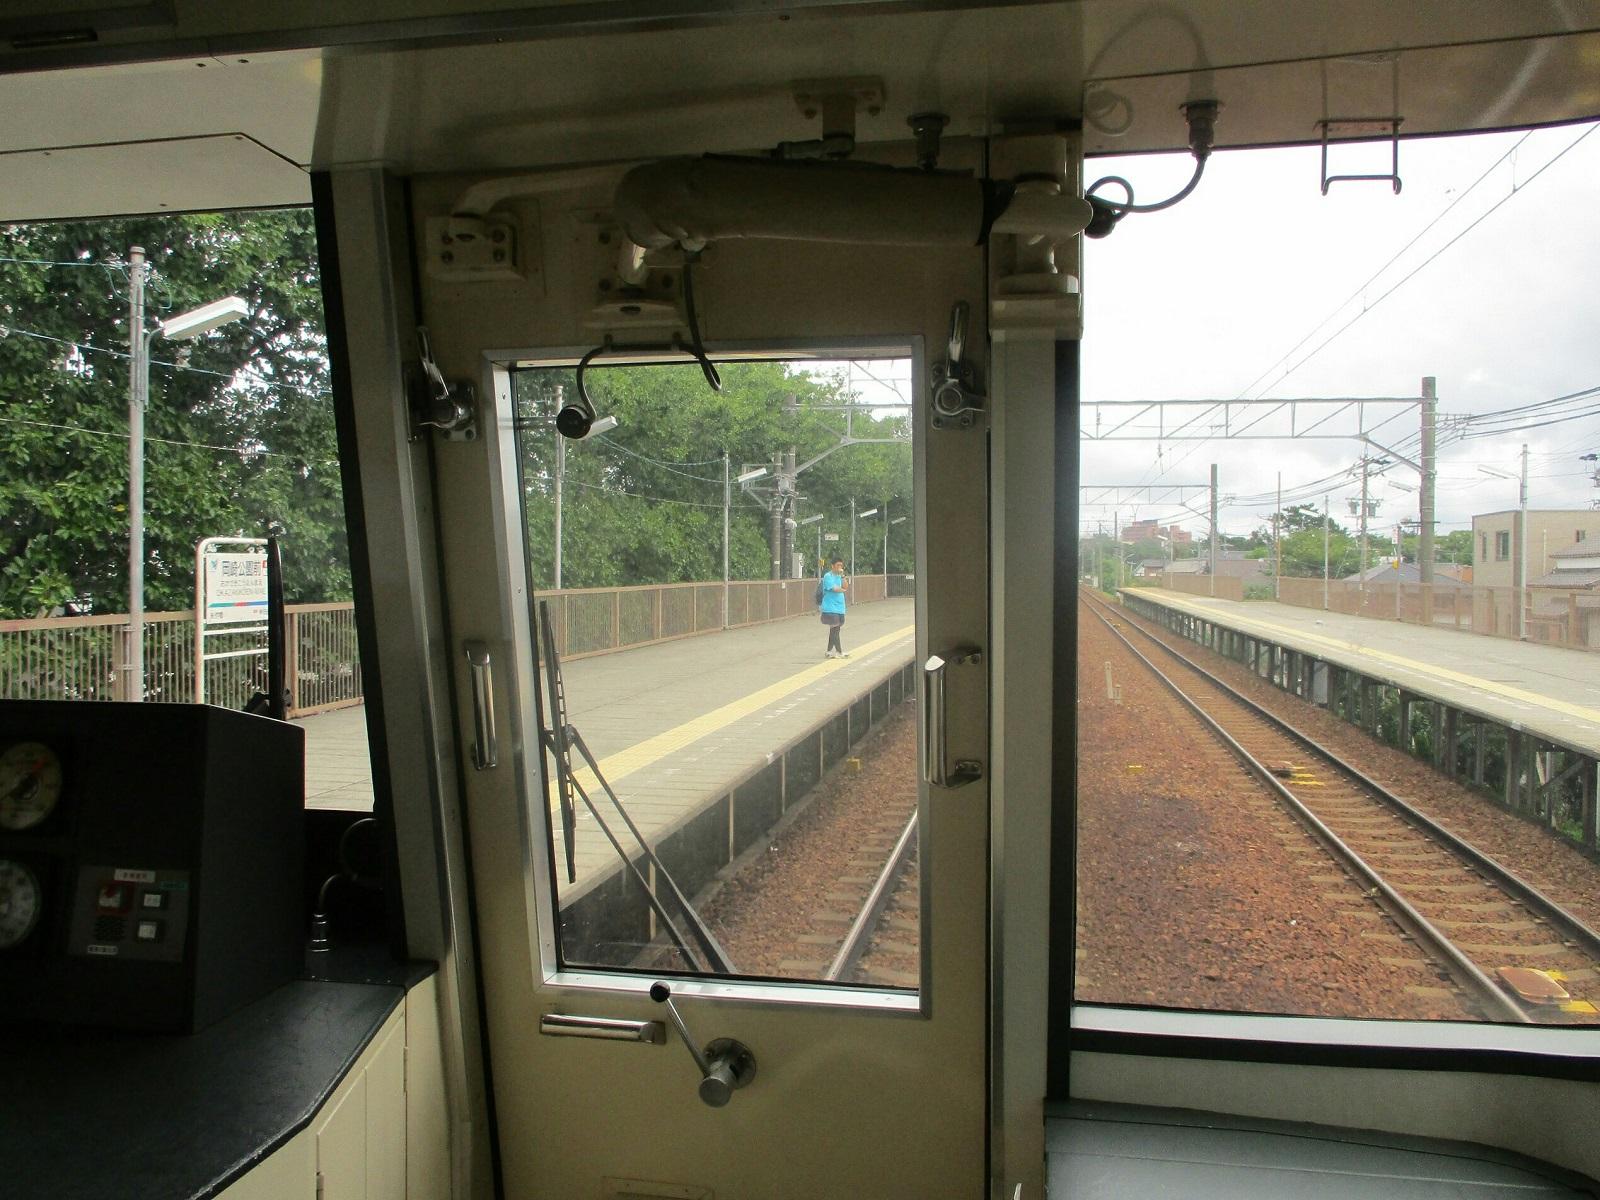 2018.7.29 (7) 東岡崎いきふつう - 岡崎公園前 1600-1200